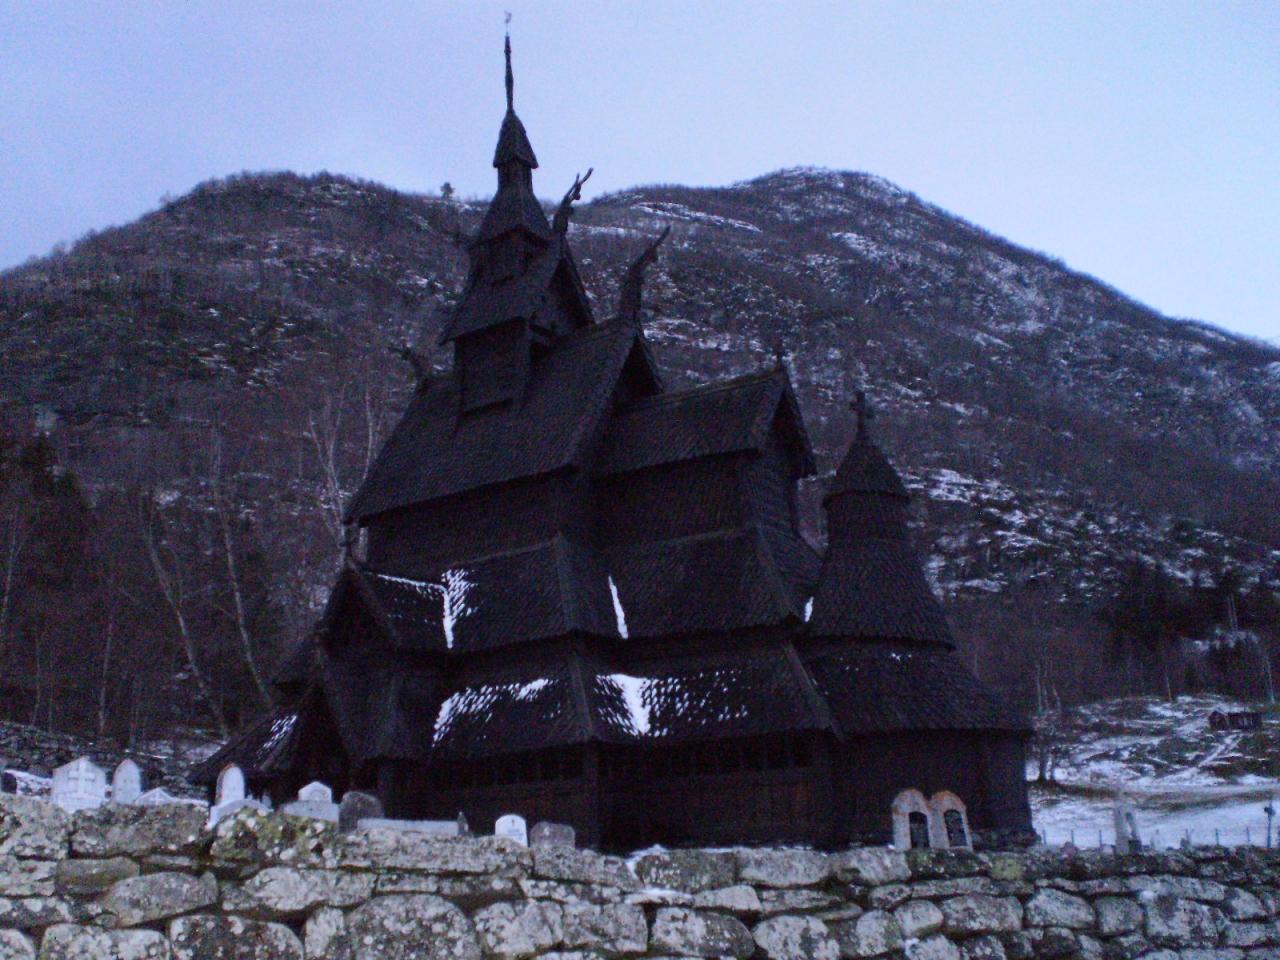 ウルネスの木造教会の画像 p1_20